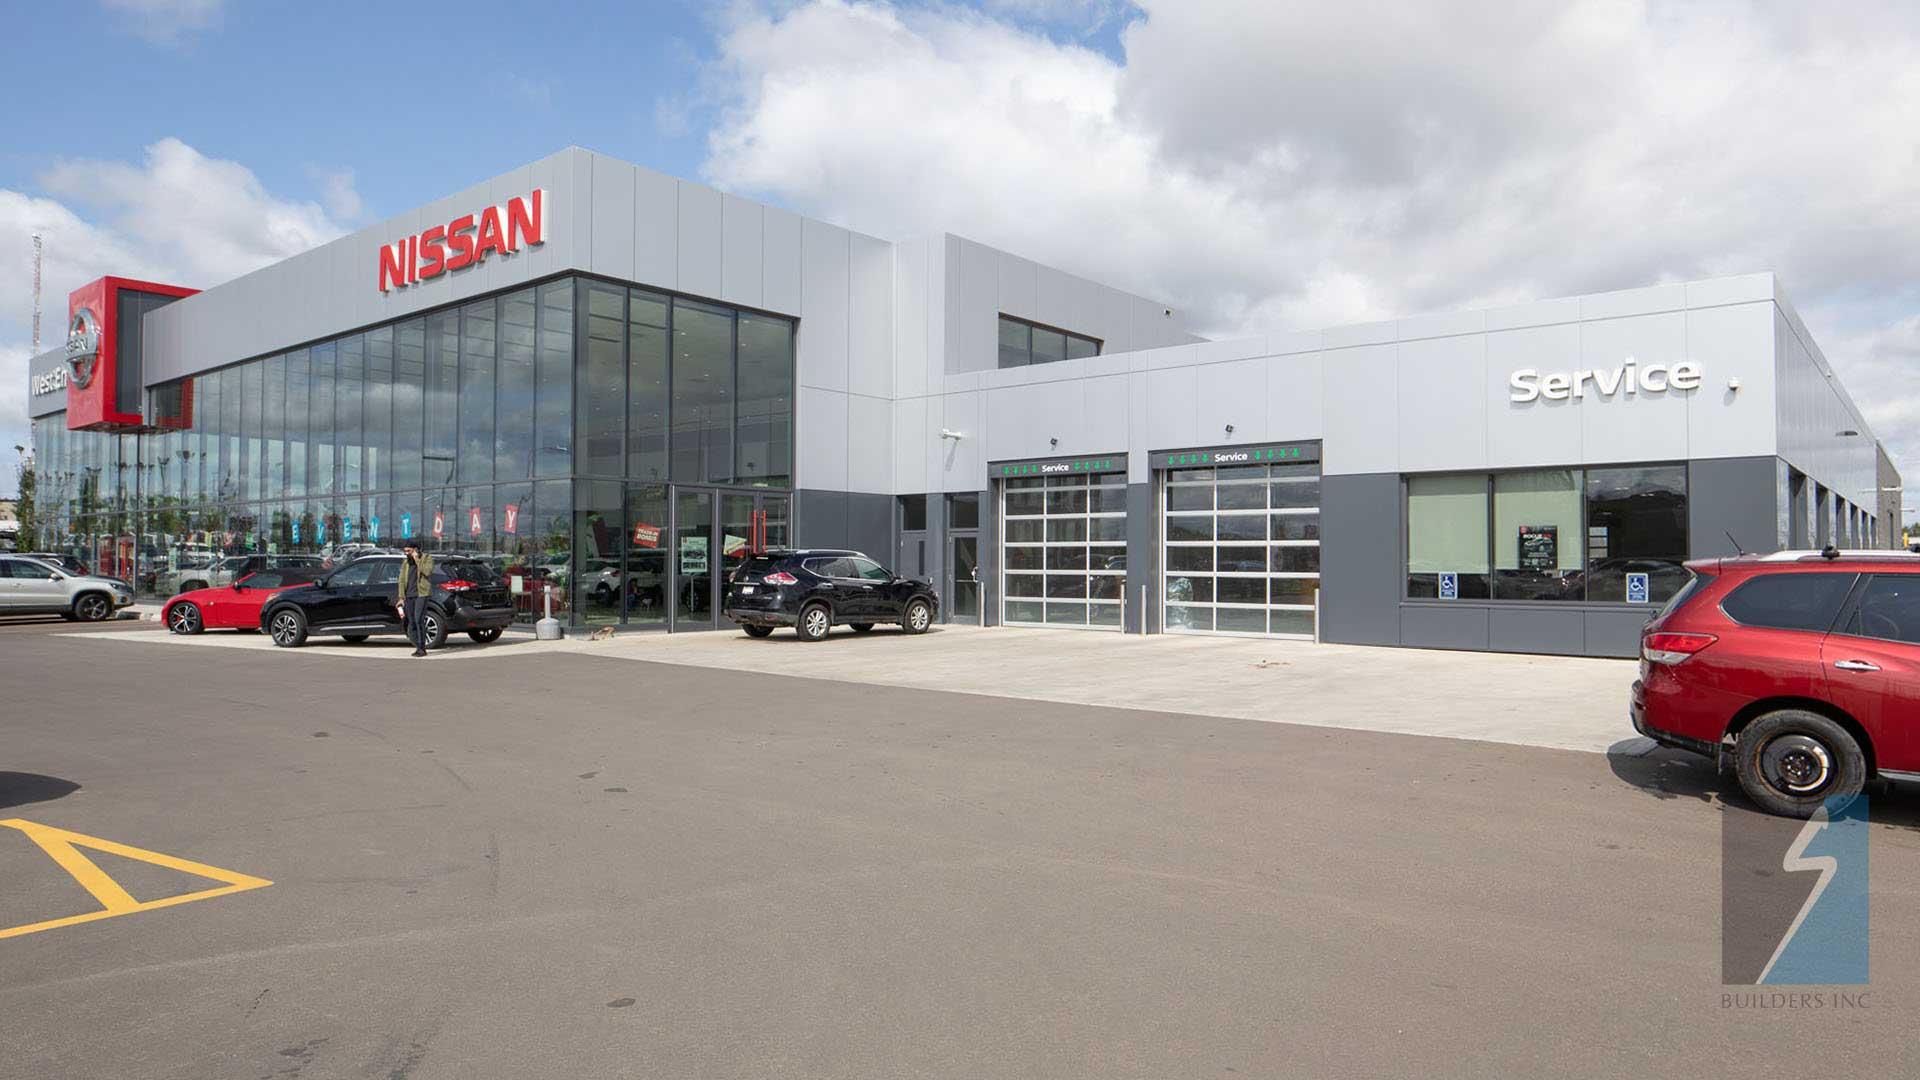 SBP-Nissan_9372-3